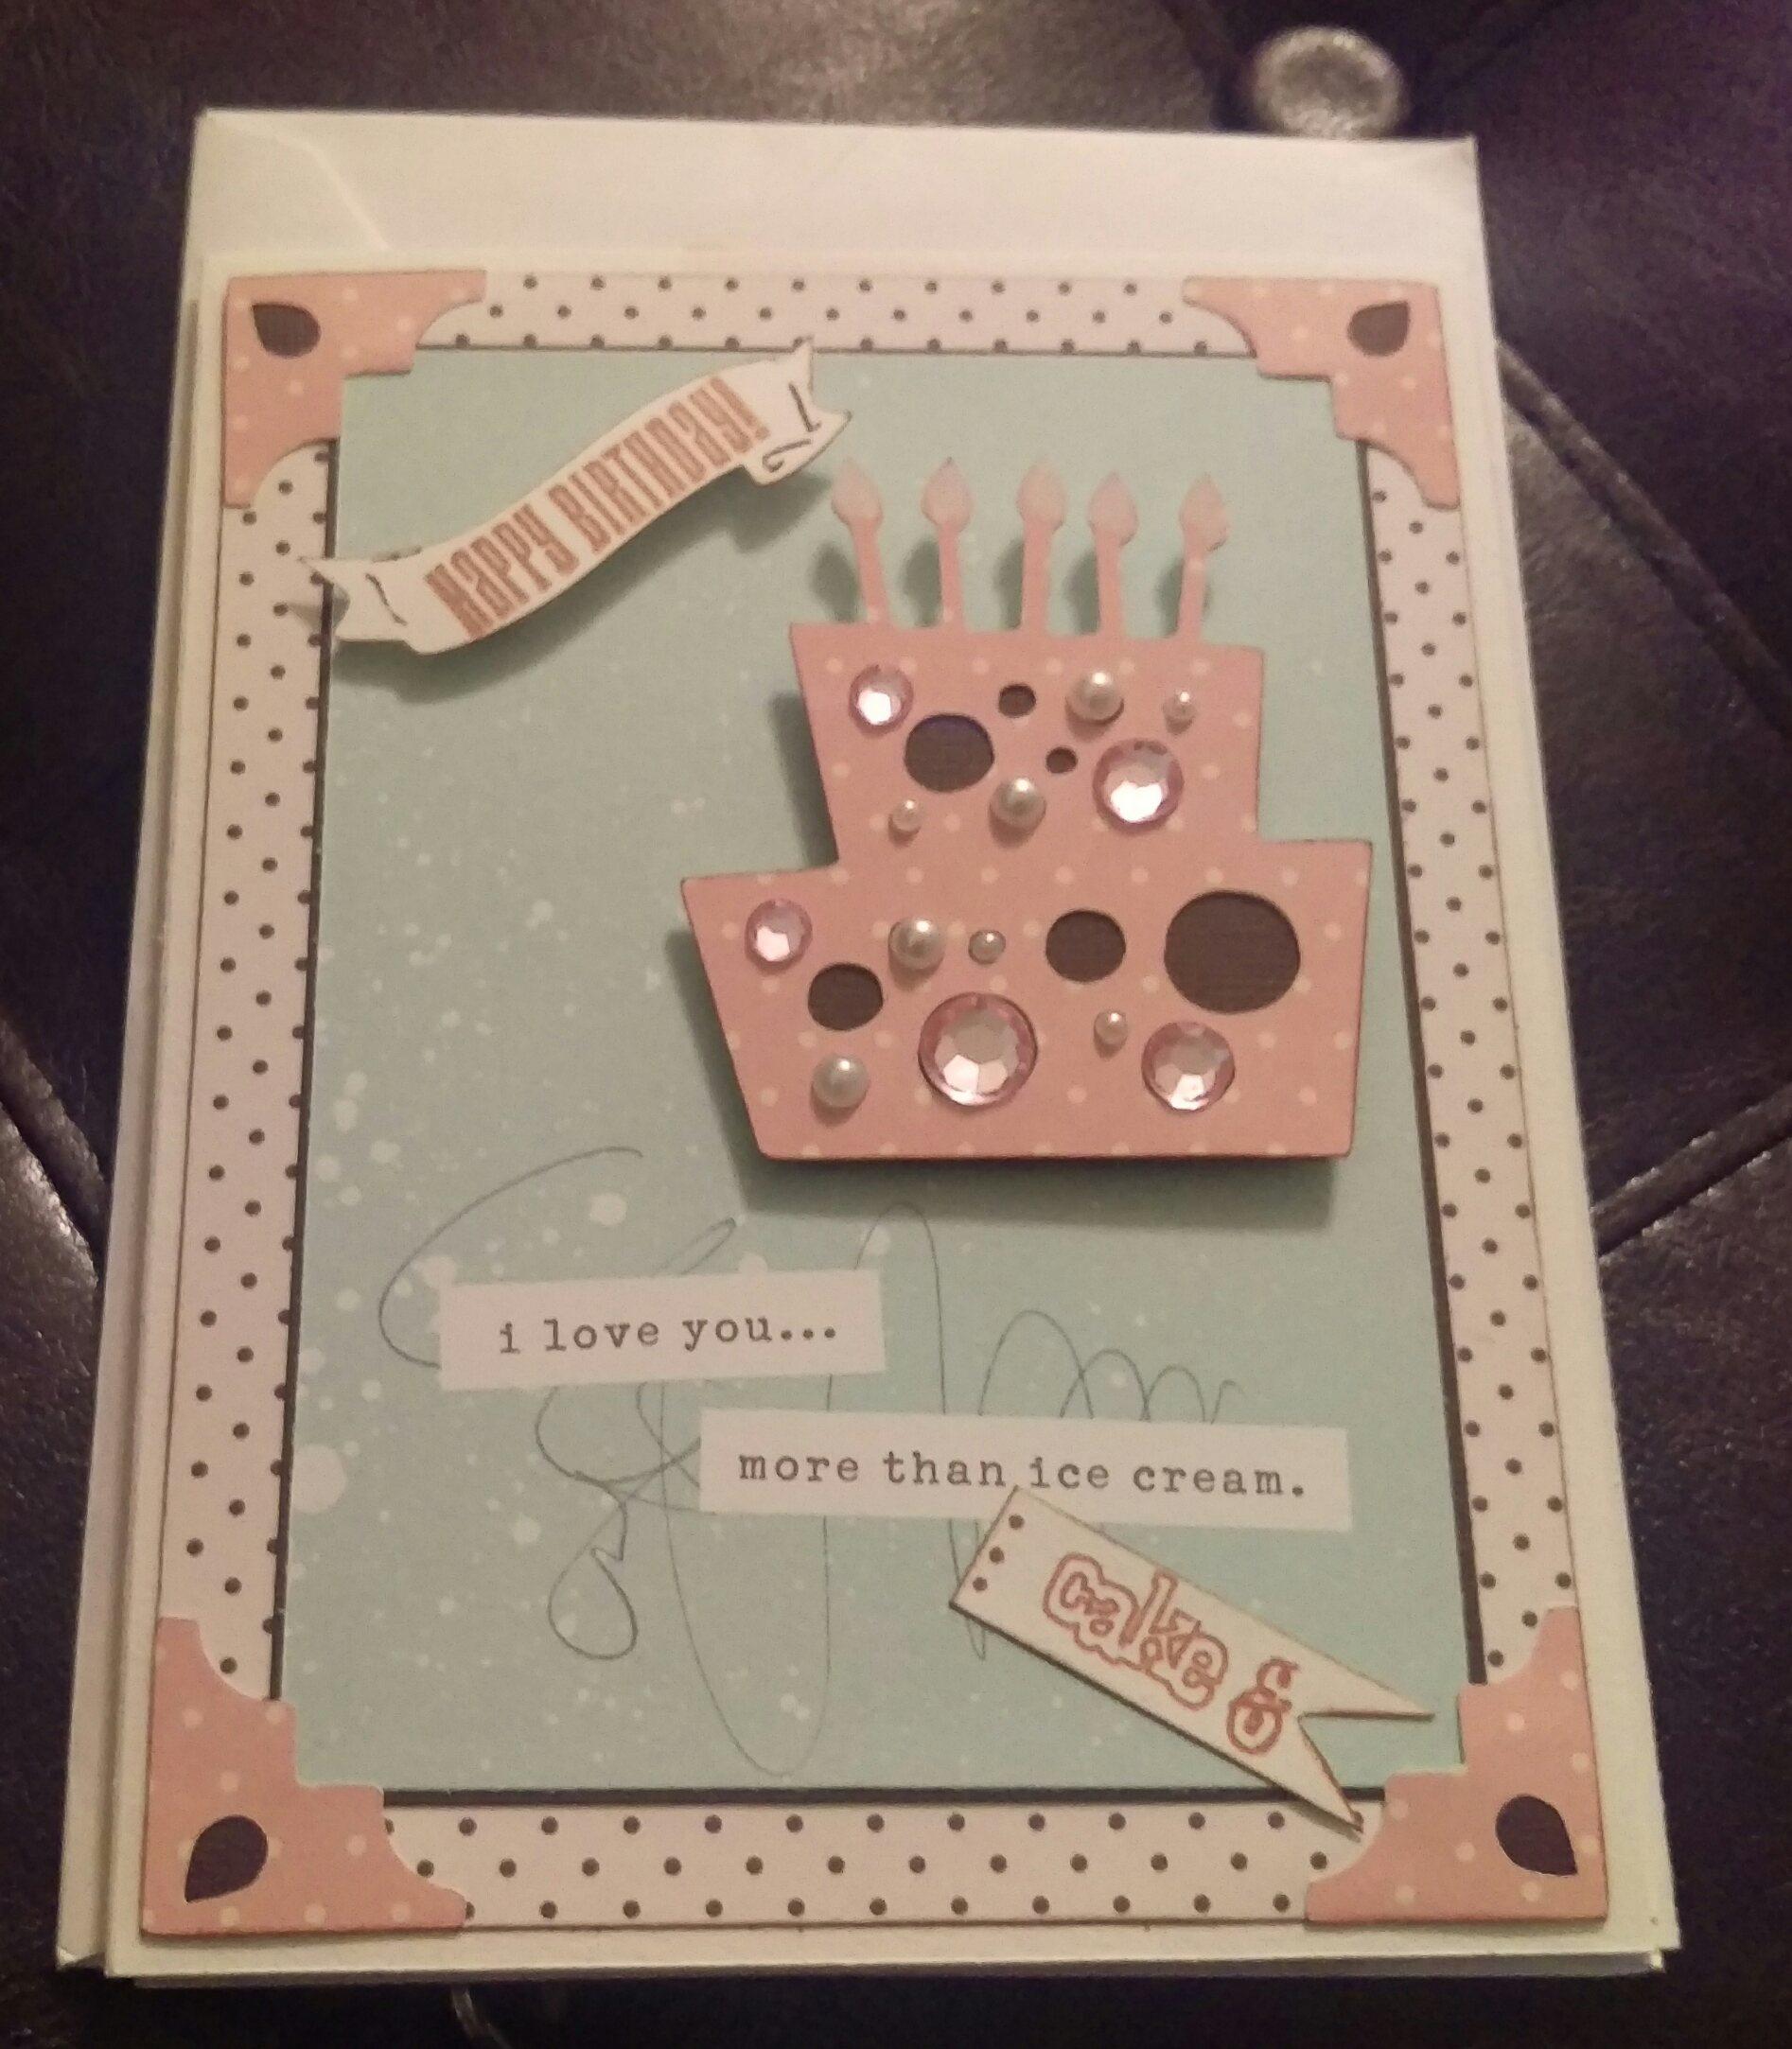 I Love You More Than Ice Cream: Card: I Love You More Than Cake & Ice Cream